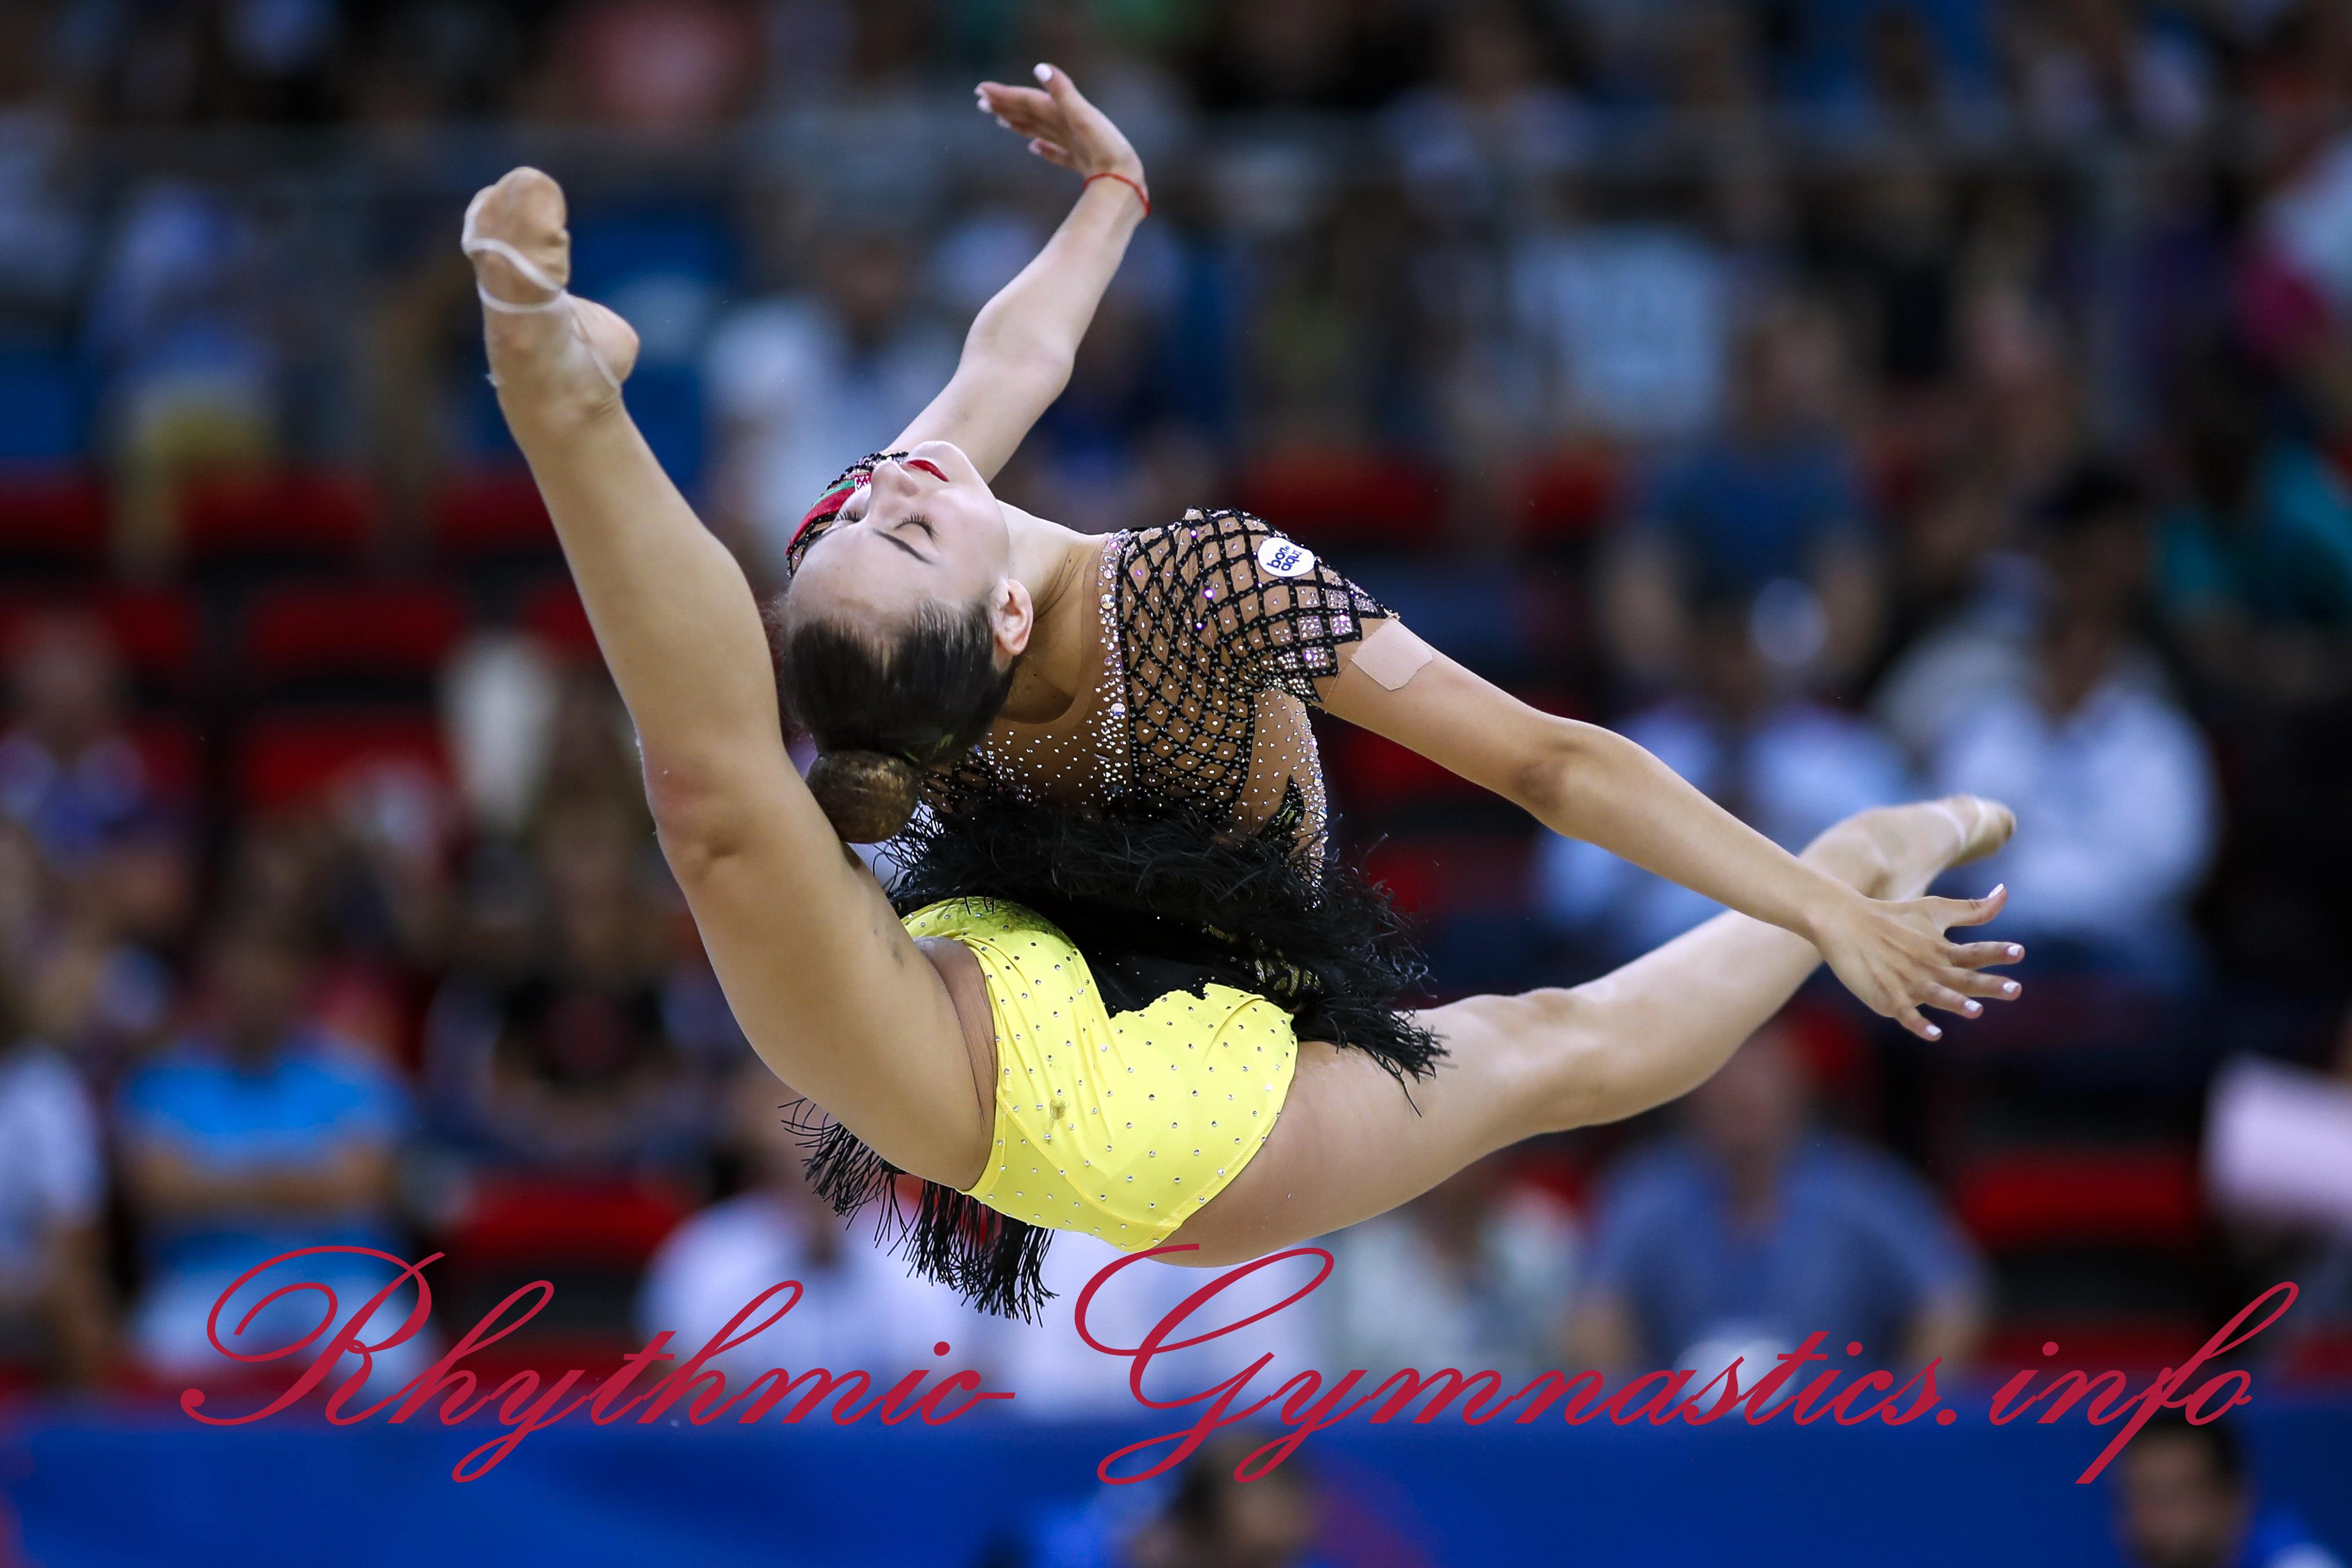 35th FIG Rhythmic Gymnastics World Championships in Pesaro, 01.09.2017